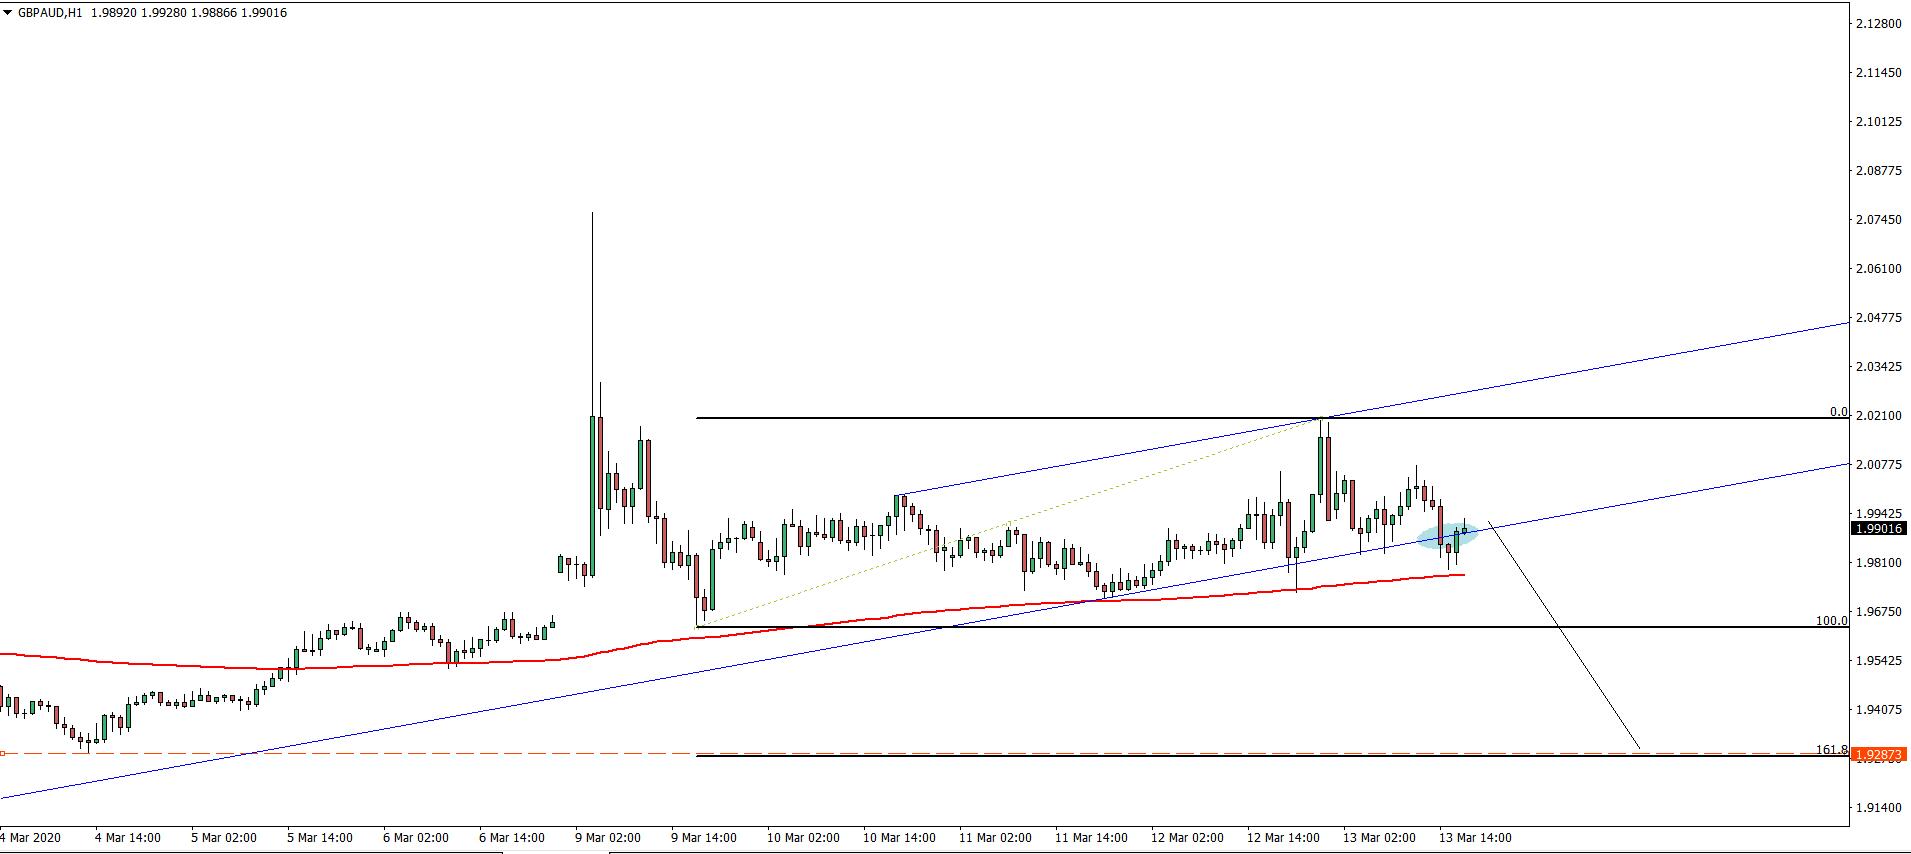 gbpaud 1h chart